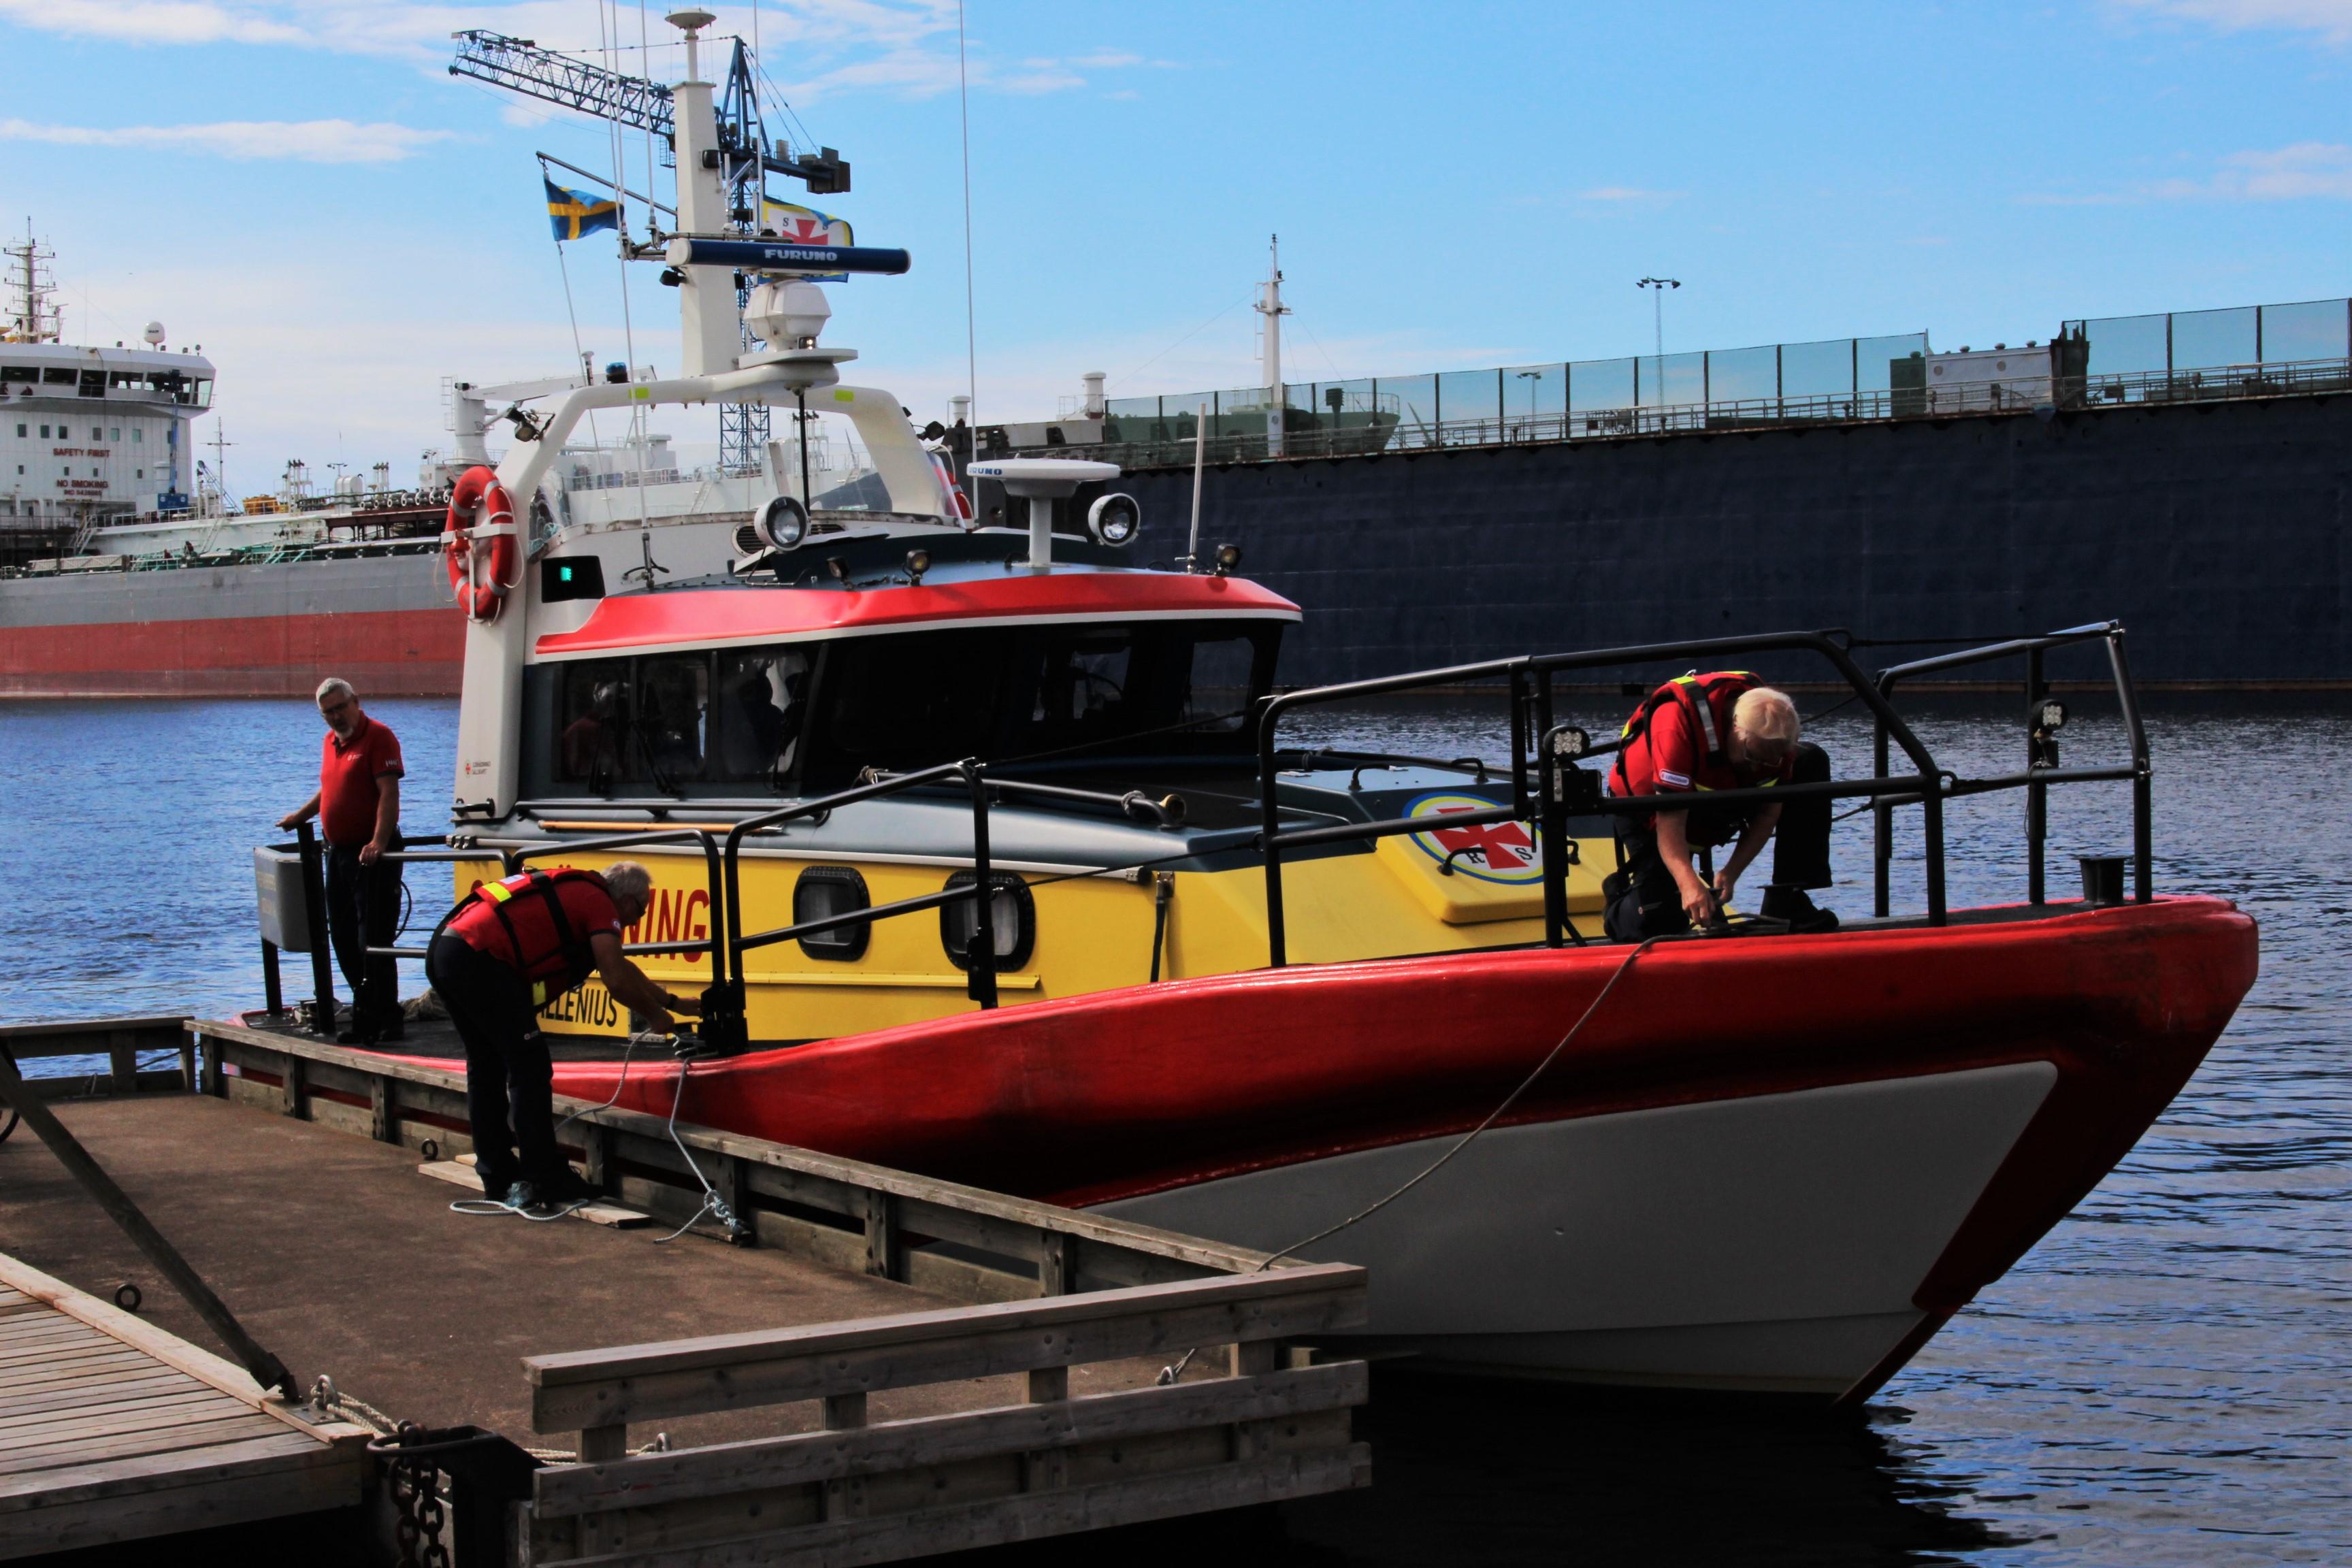 Falkenbergs Sjöräddningssällskaps båt